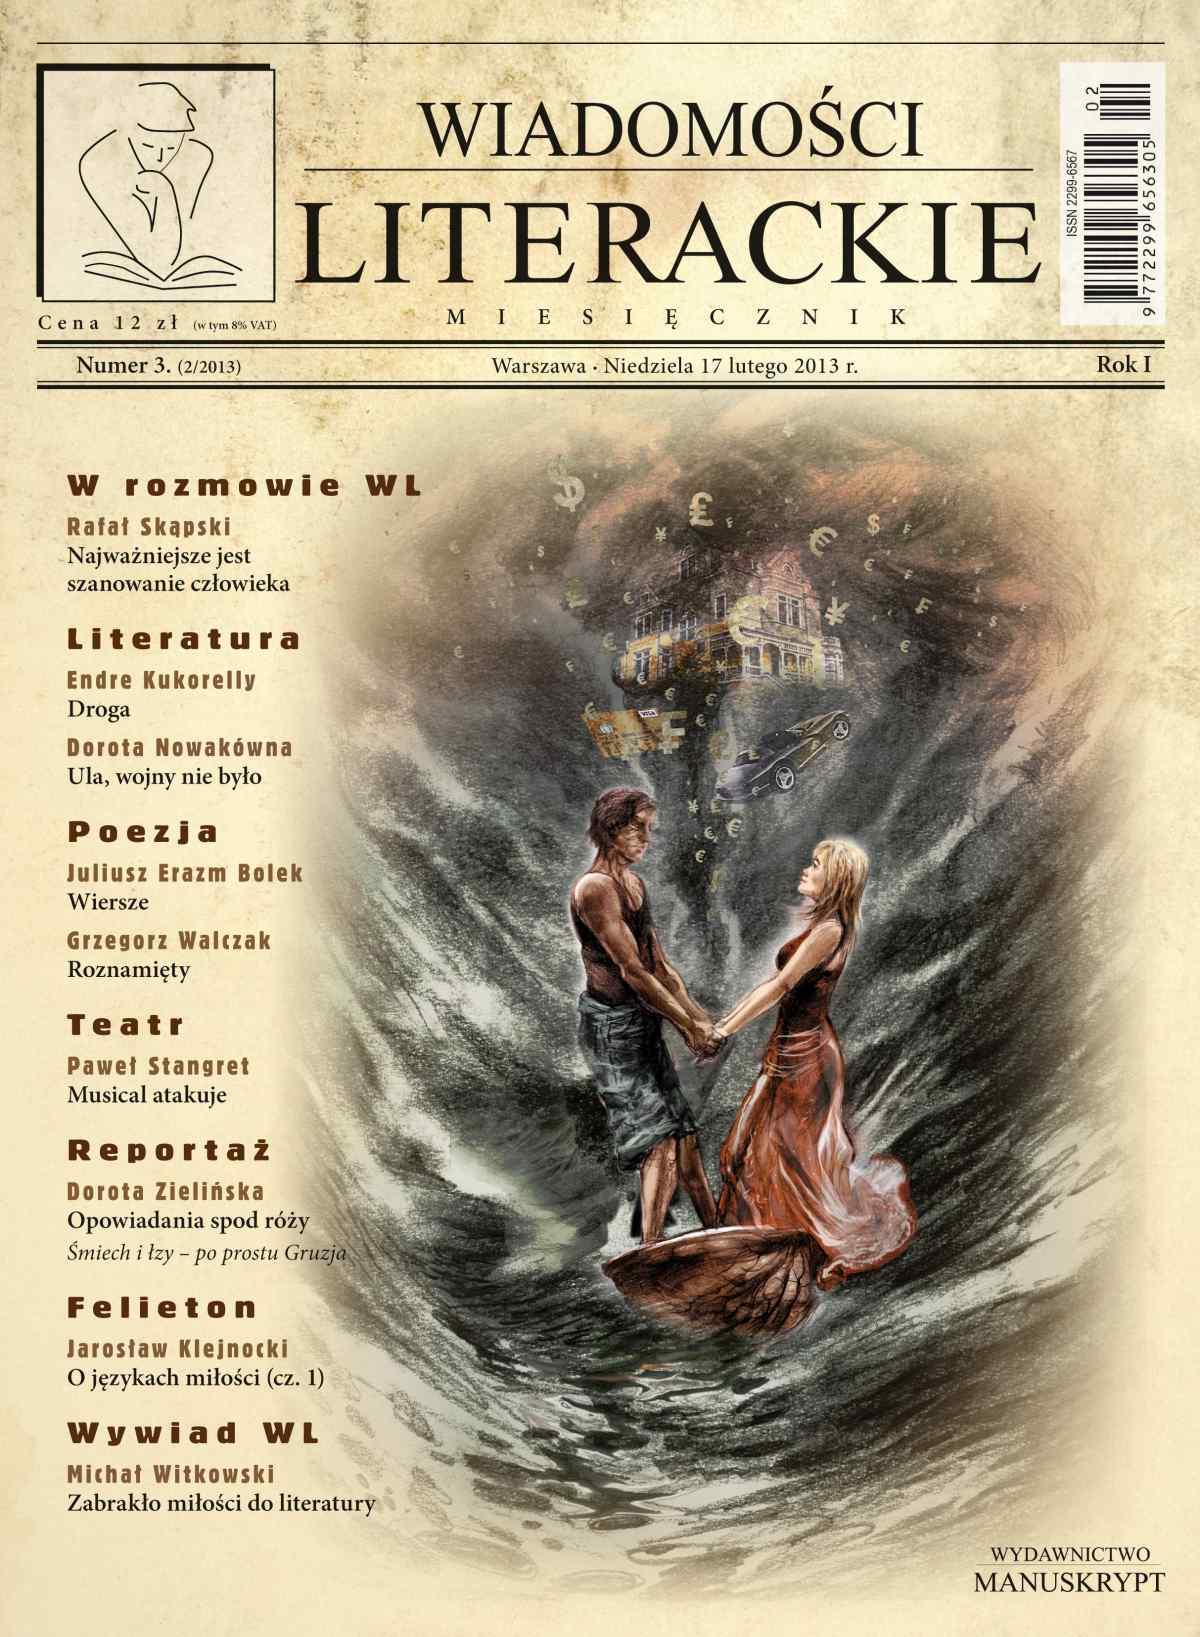 Wiadomości Literackie 3 (2/2013) - Ebook (Książka EPUB) do pobrania w formacie EPUB